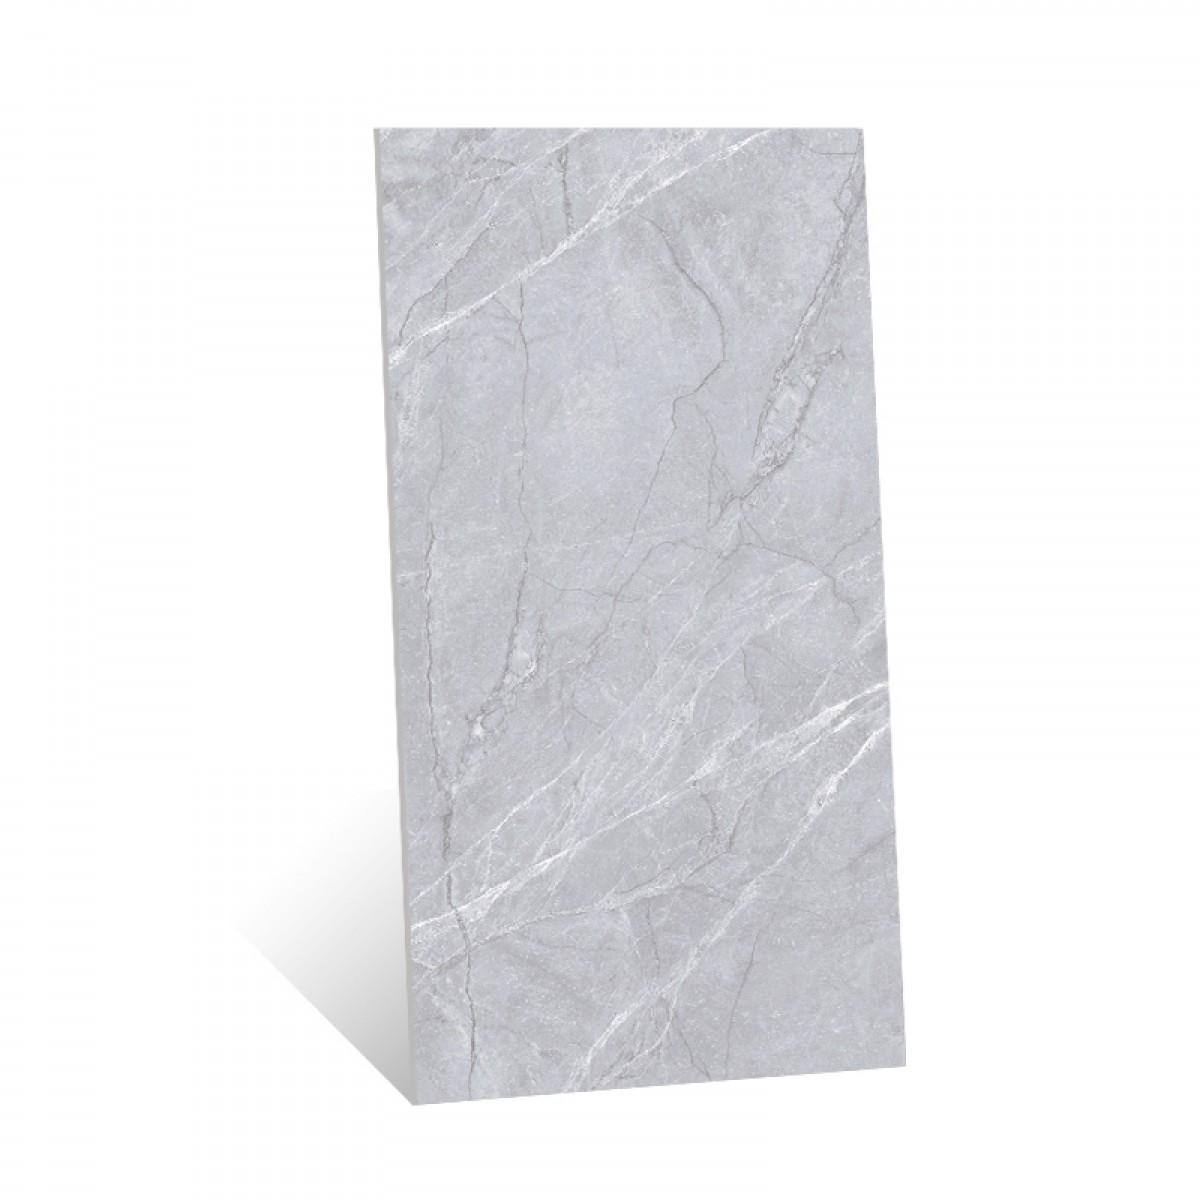 新中源 抛釉大地砖 SDZ126002 600*1200mm